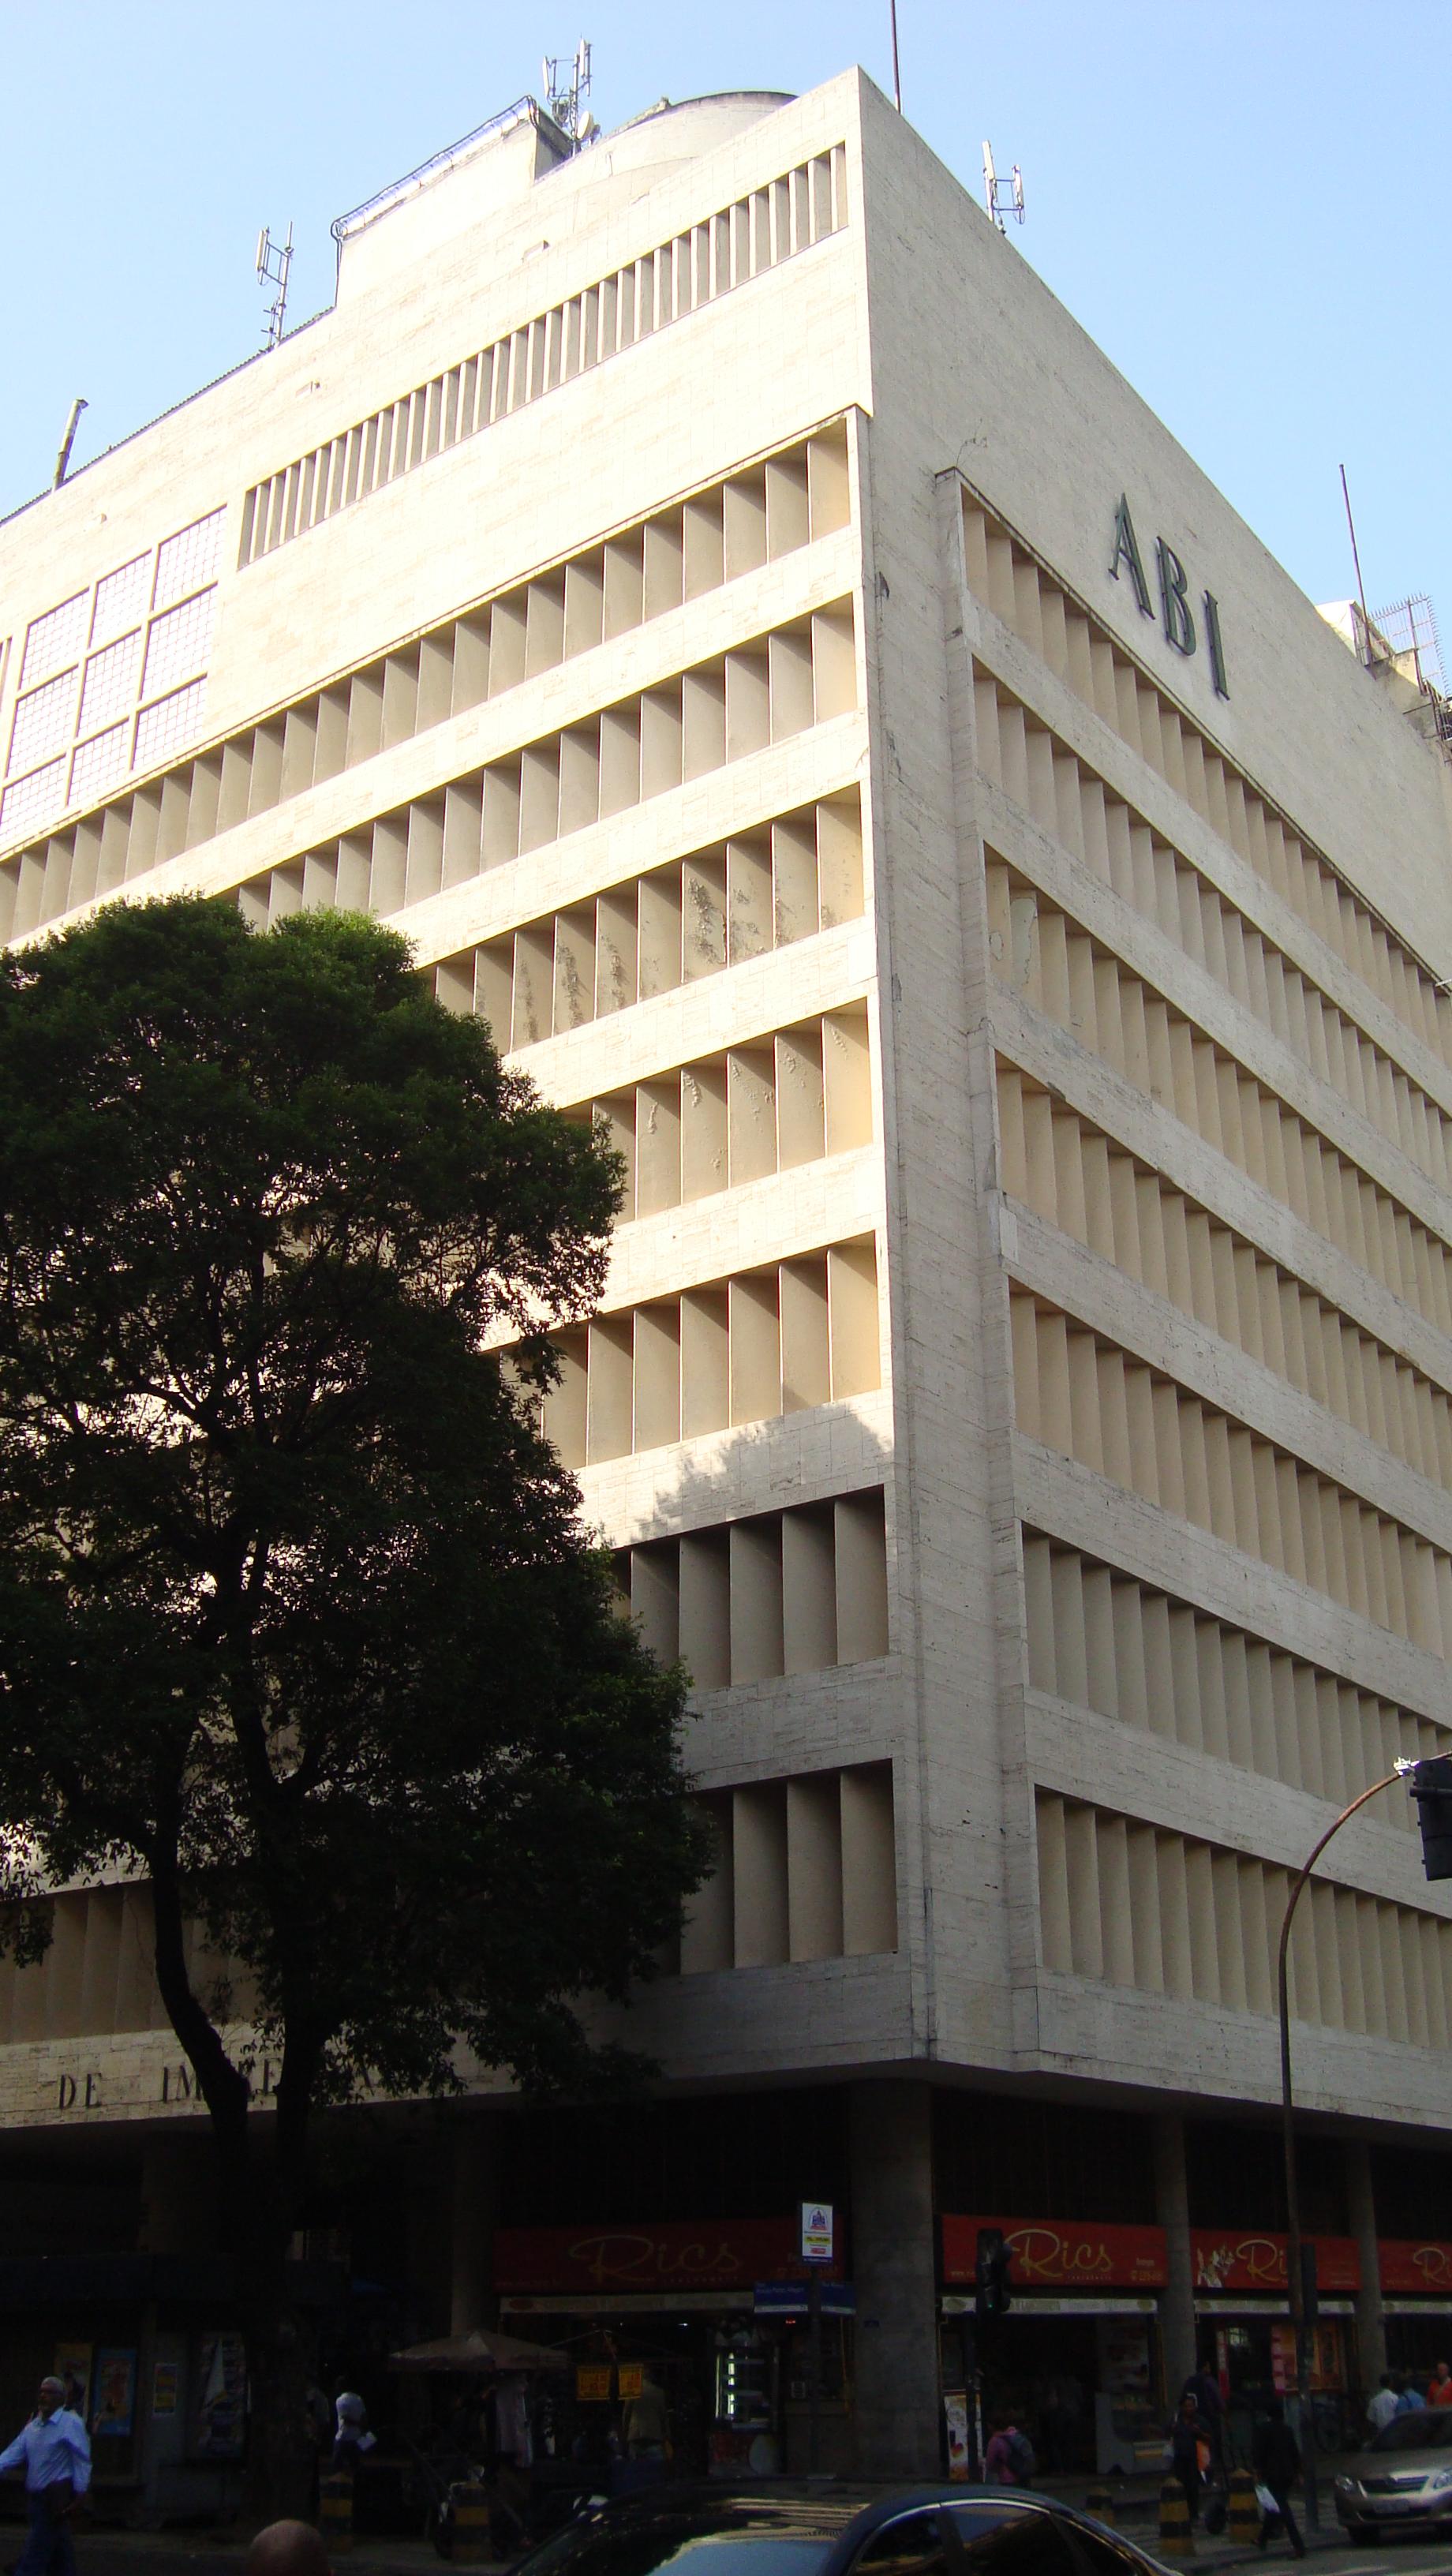 Galeria de Clássicos da Arquitetura: Sede da Associação Brasileira de Imprensa (ABI) / Irmãos Roberto - 7